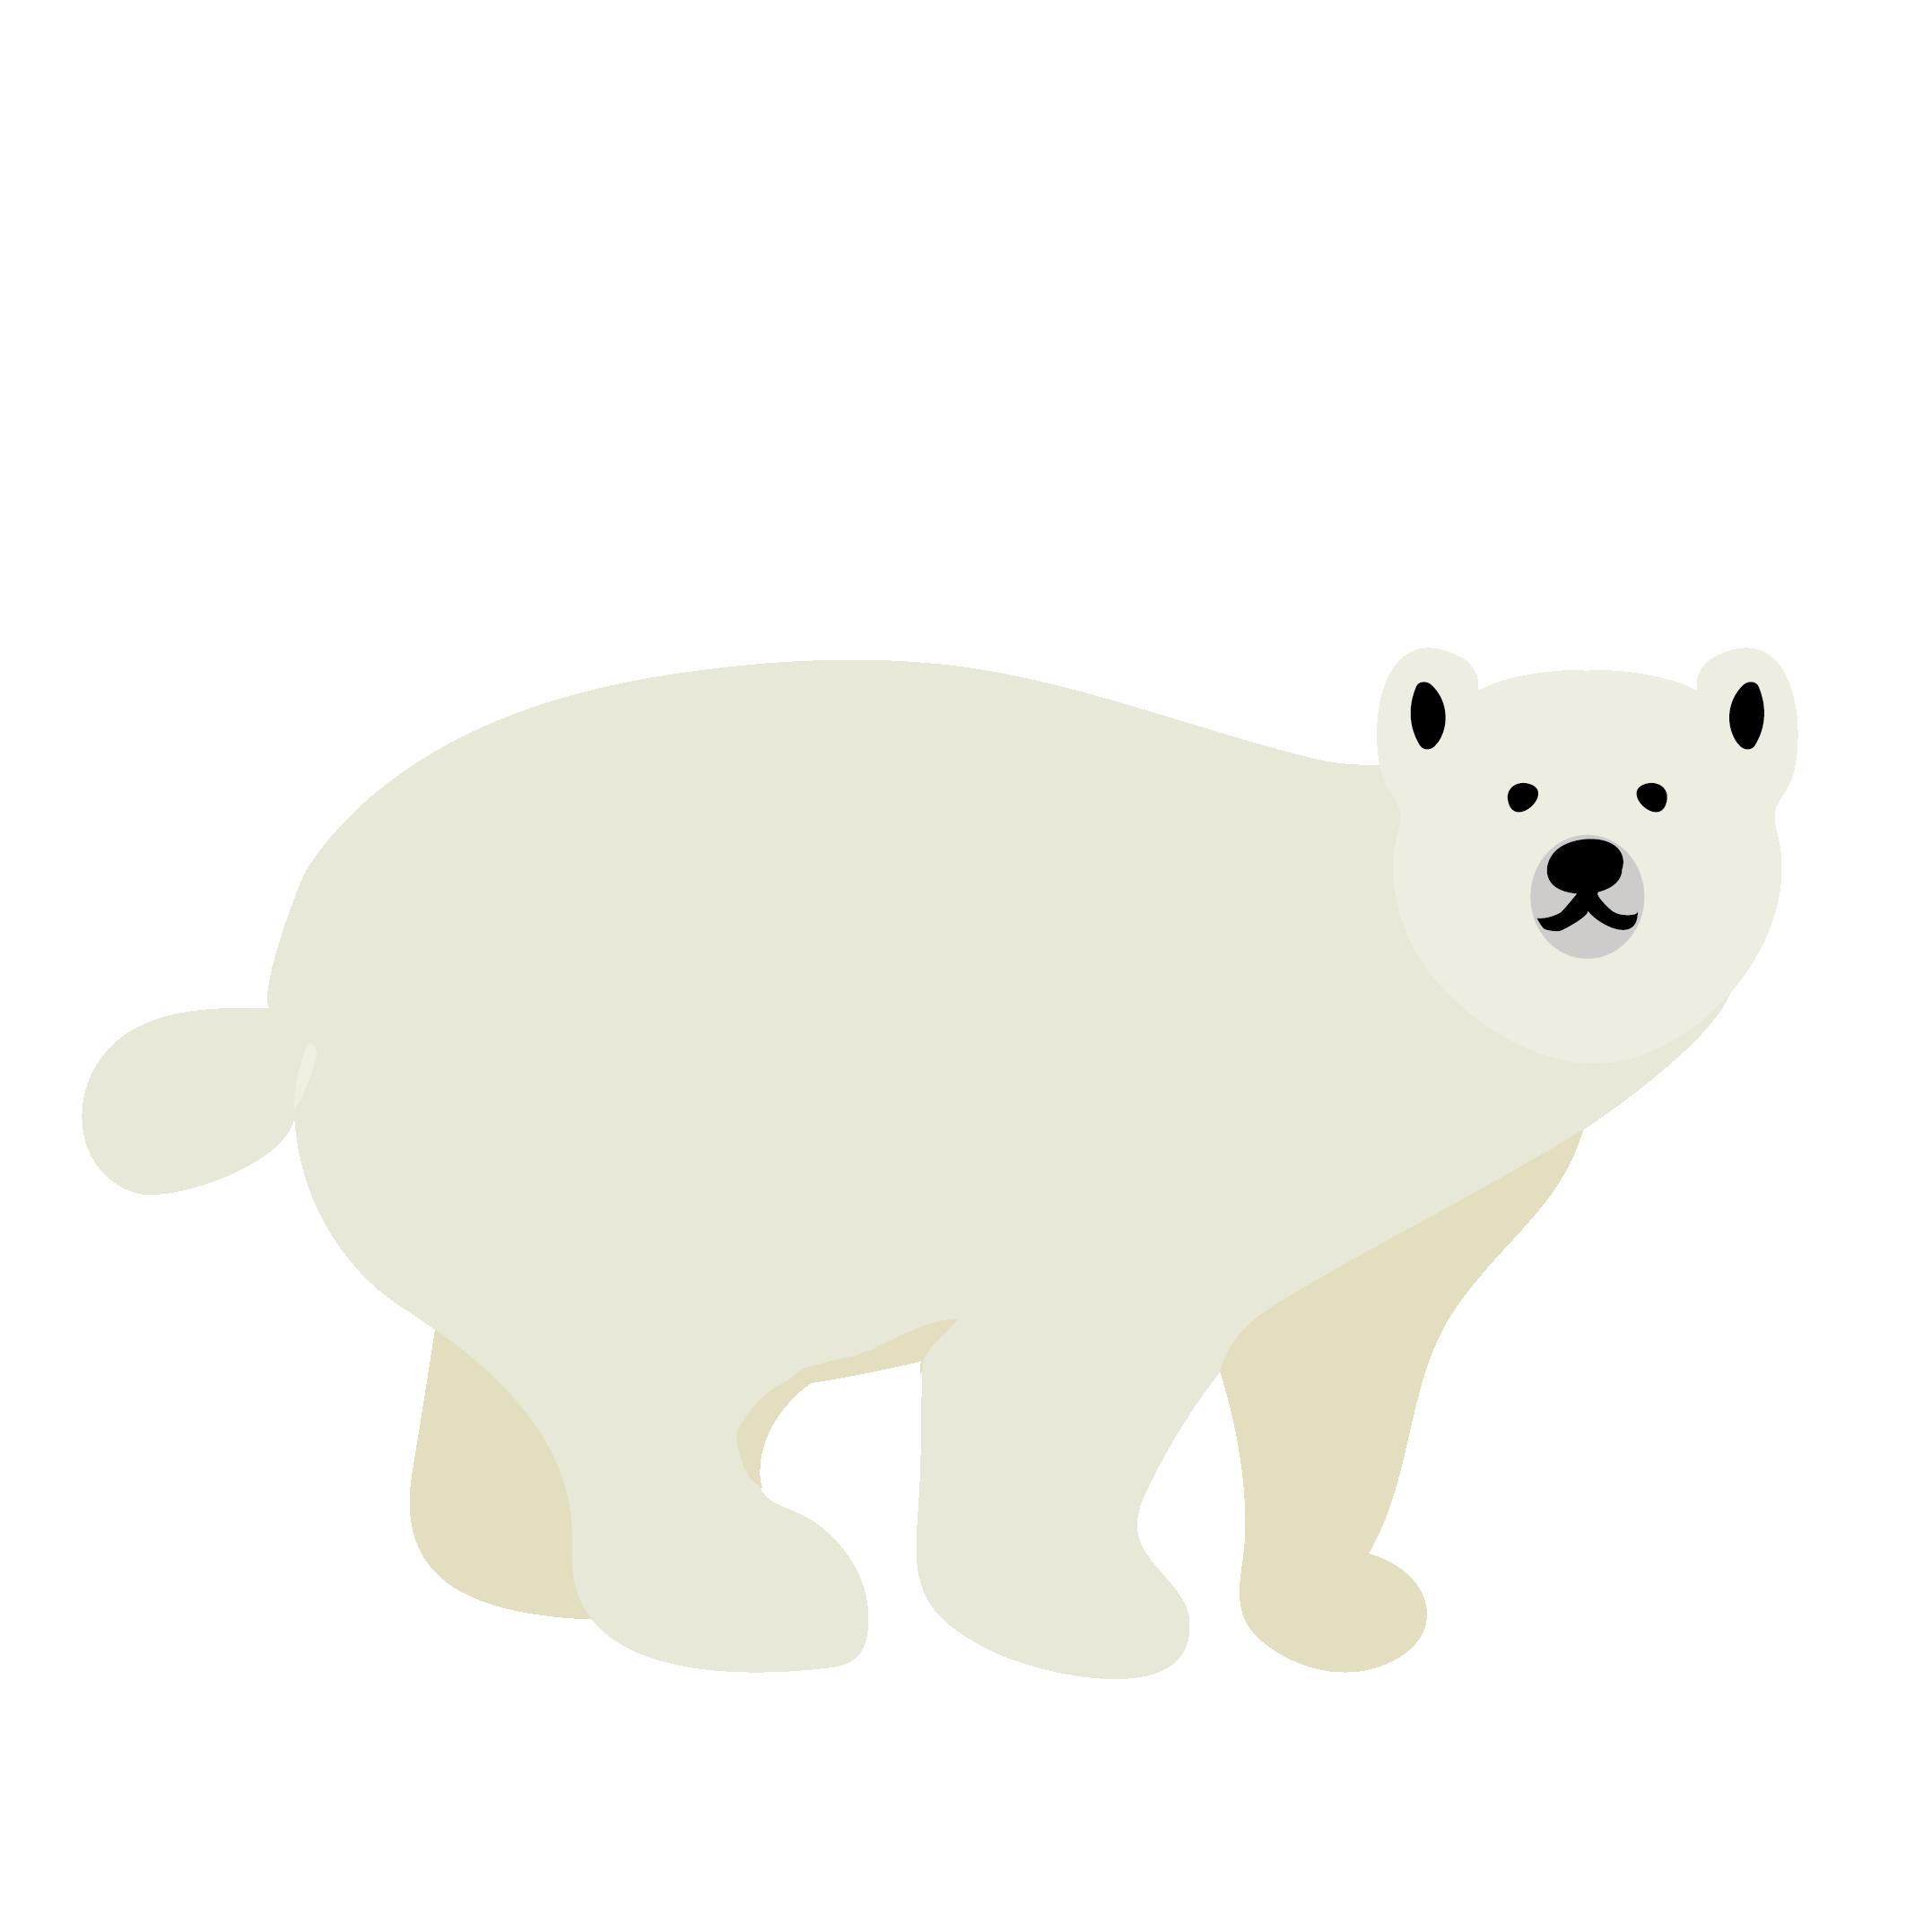 くま イラスト 全身白熊シロクマ 商用フリー無料のイラスト